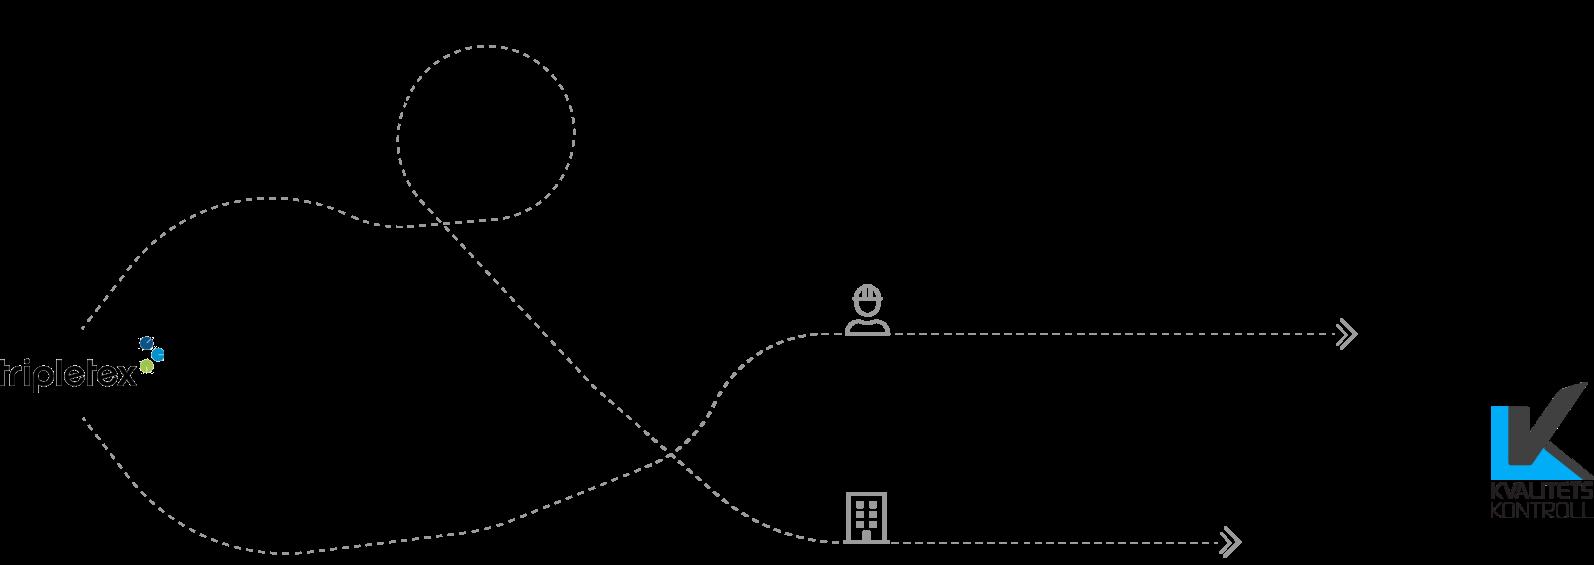 Integrasjon-illustrasjon-Tripletex-1